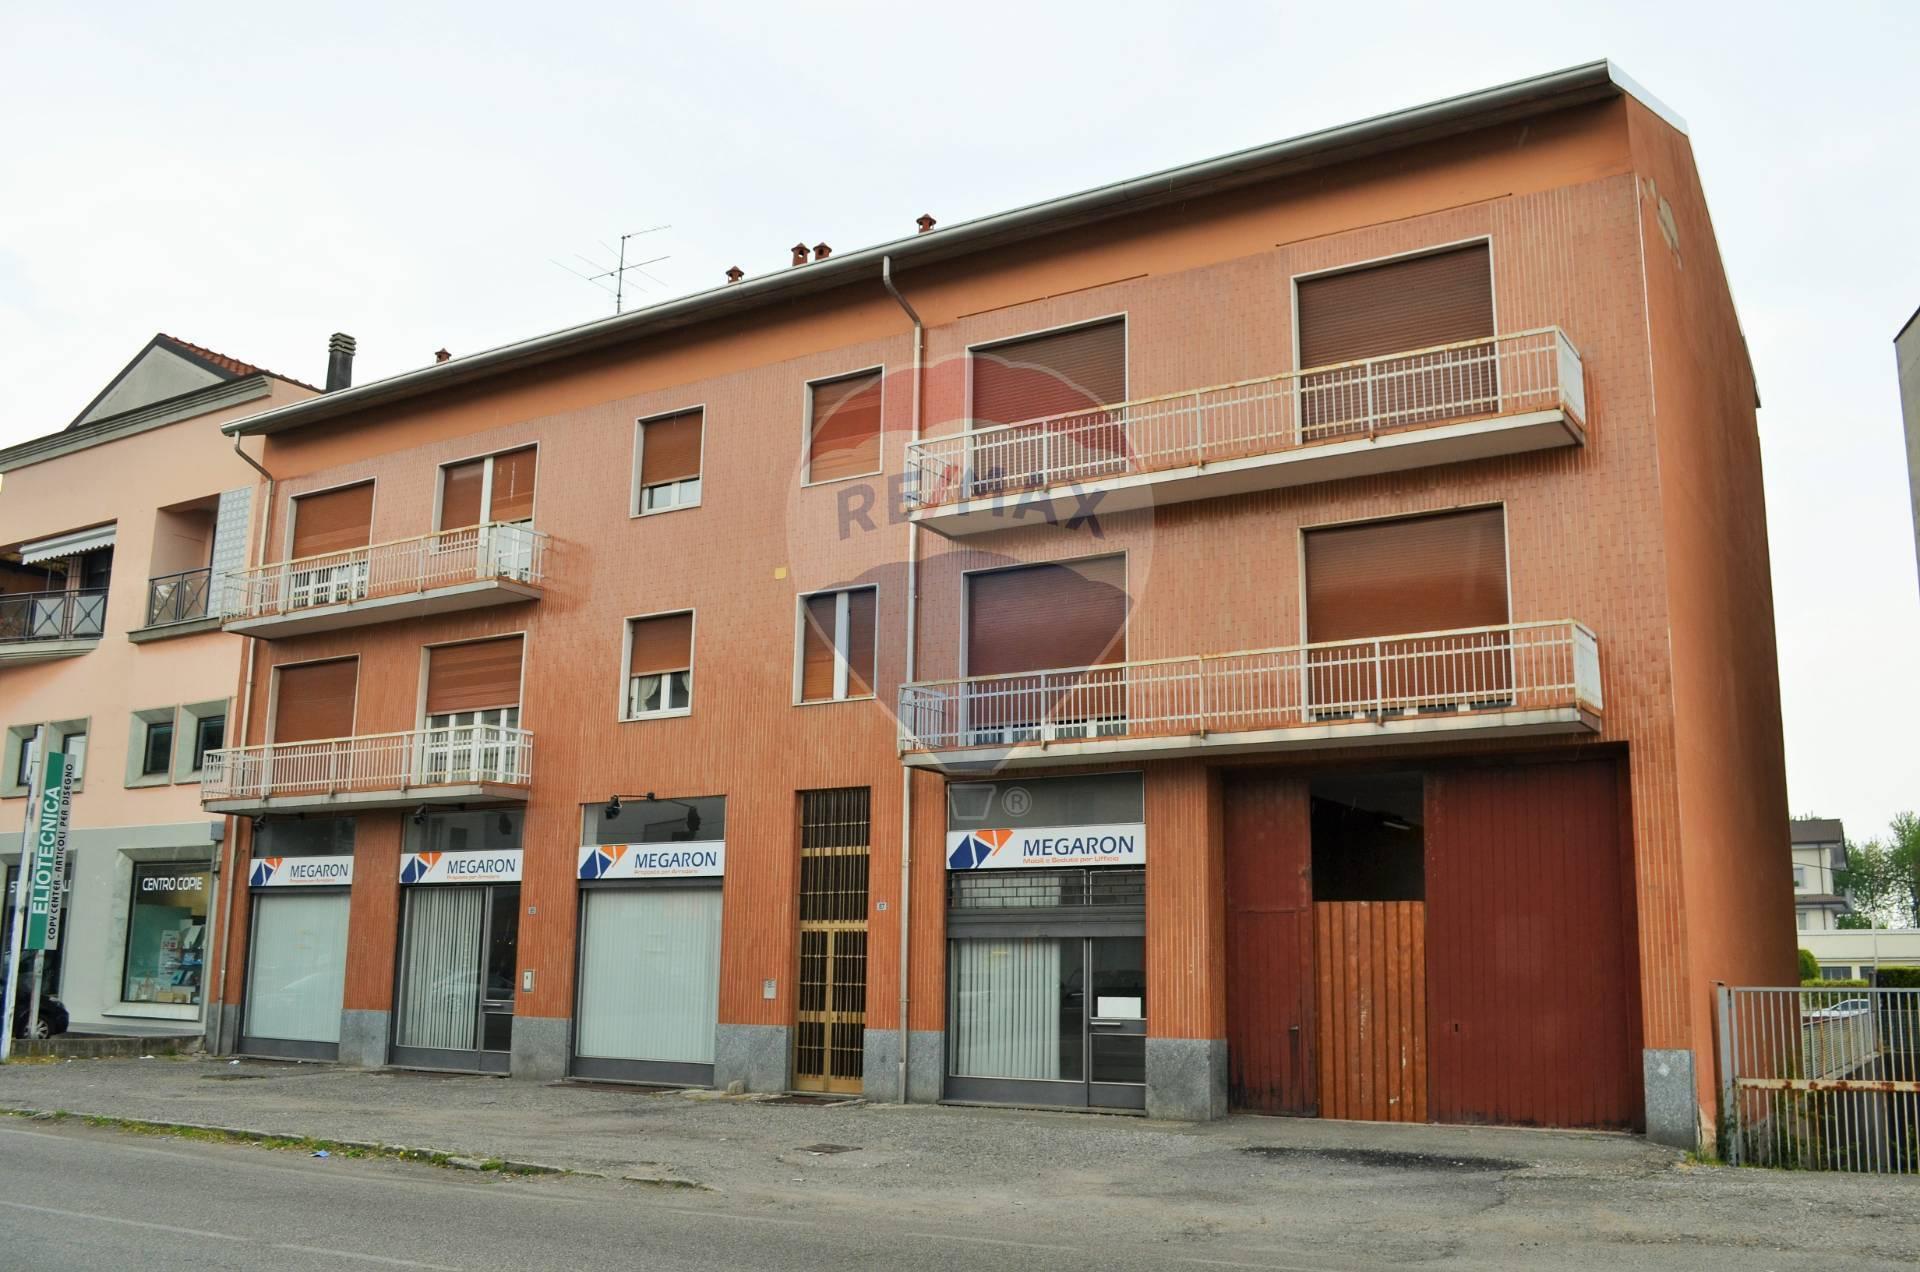 Vendita Palazzo/Palazzina/Stabile Casa/Villa Cesano Maderno 261858